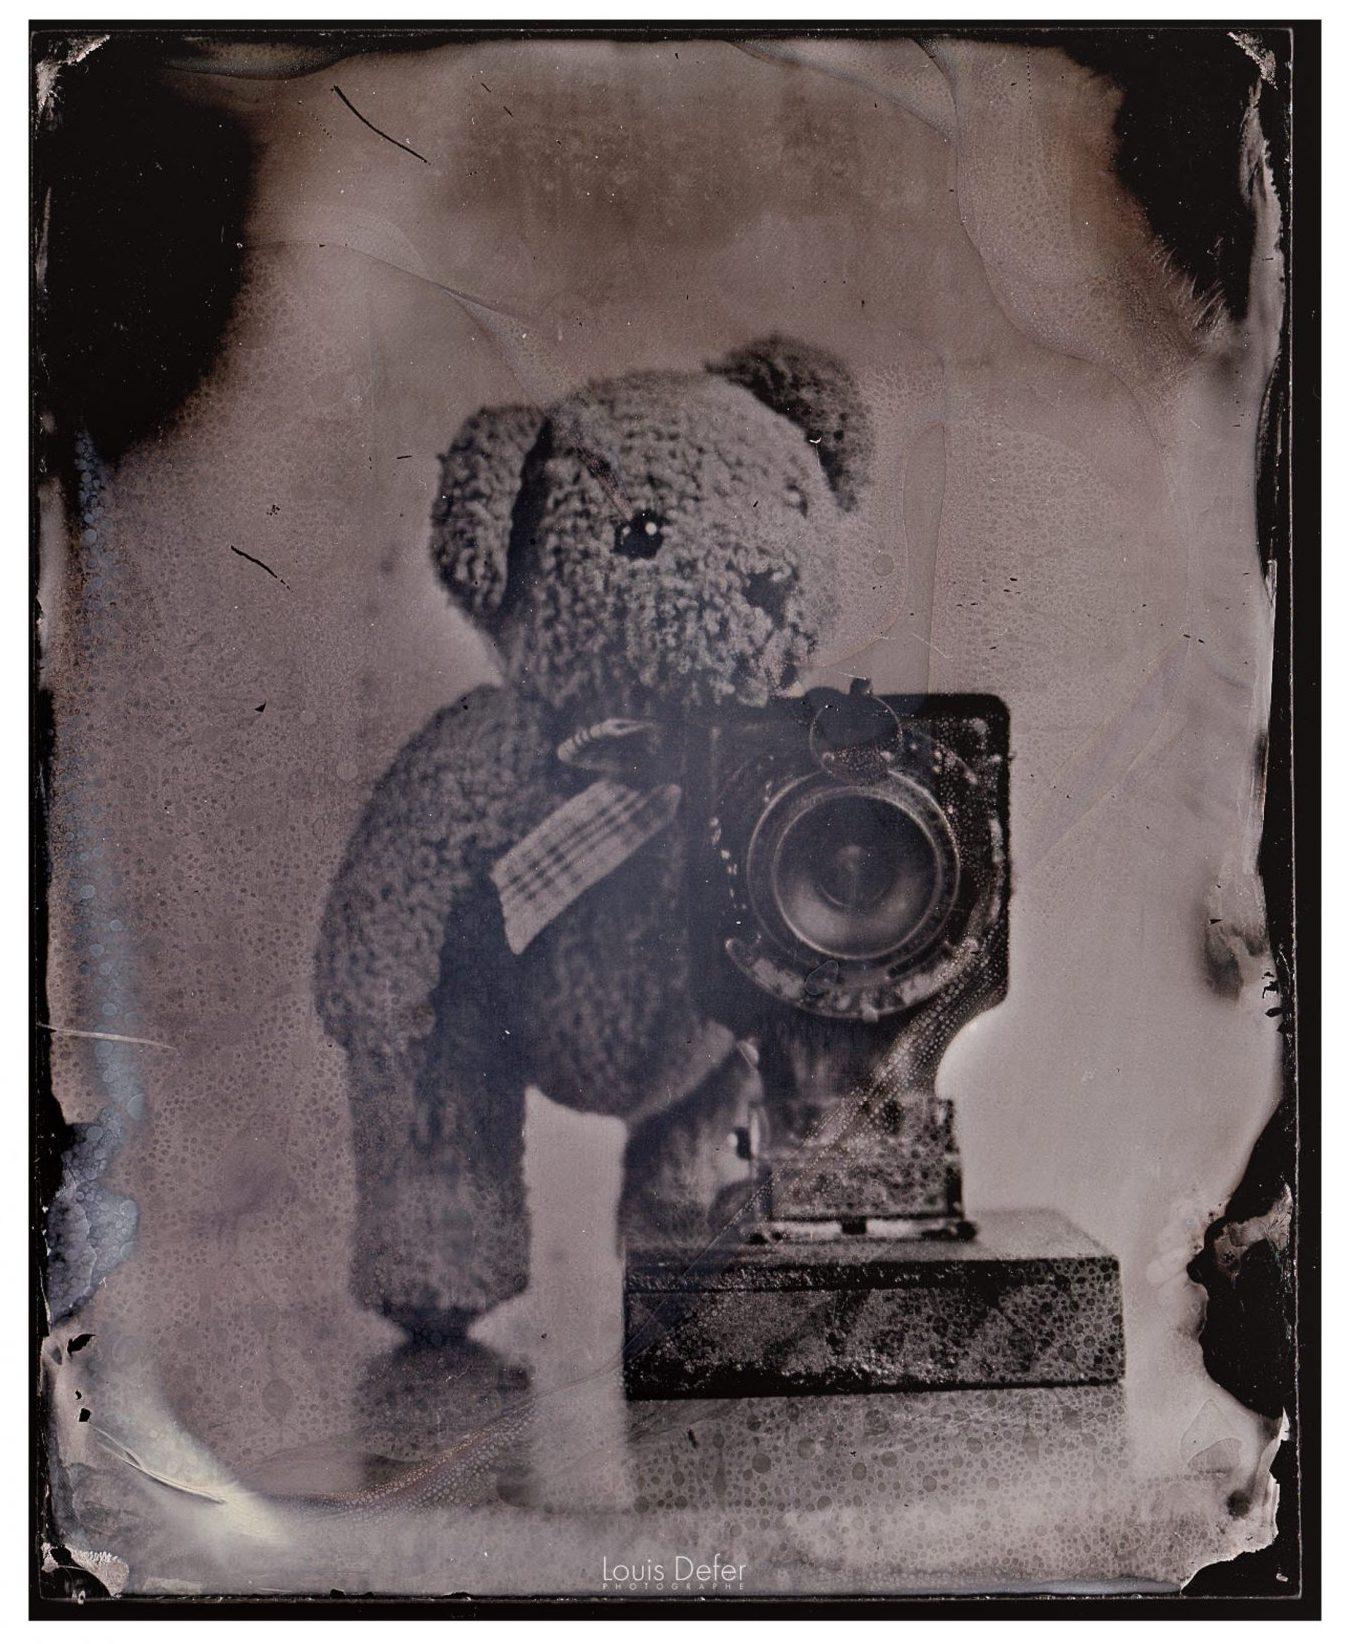 louis defer photographe blois collodion humide procédé argentique ancien